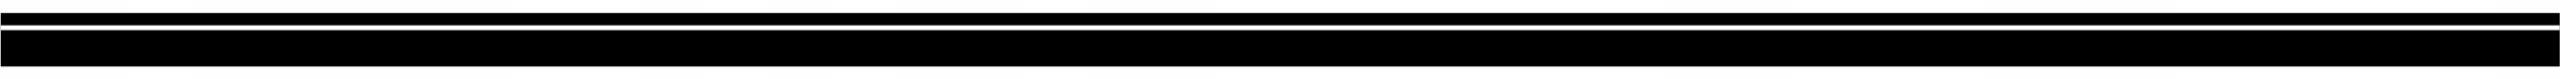 [МОТОР ТЮНИНГ НАКЛЕЙКИ ПЕЧАТЬ большой набор 60 x 44 см]изображение 12